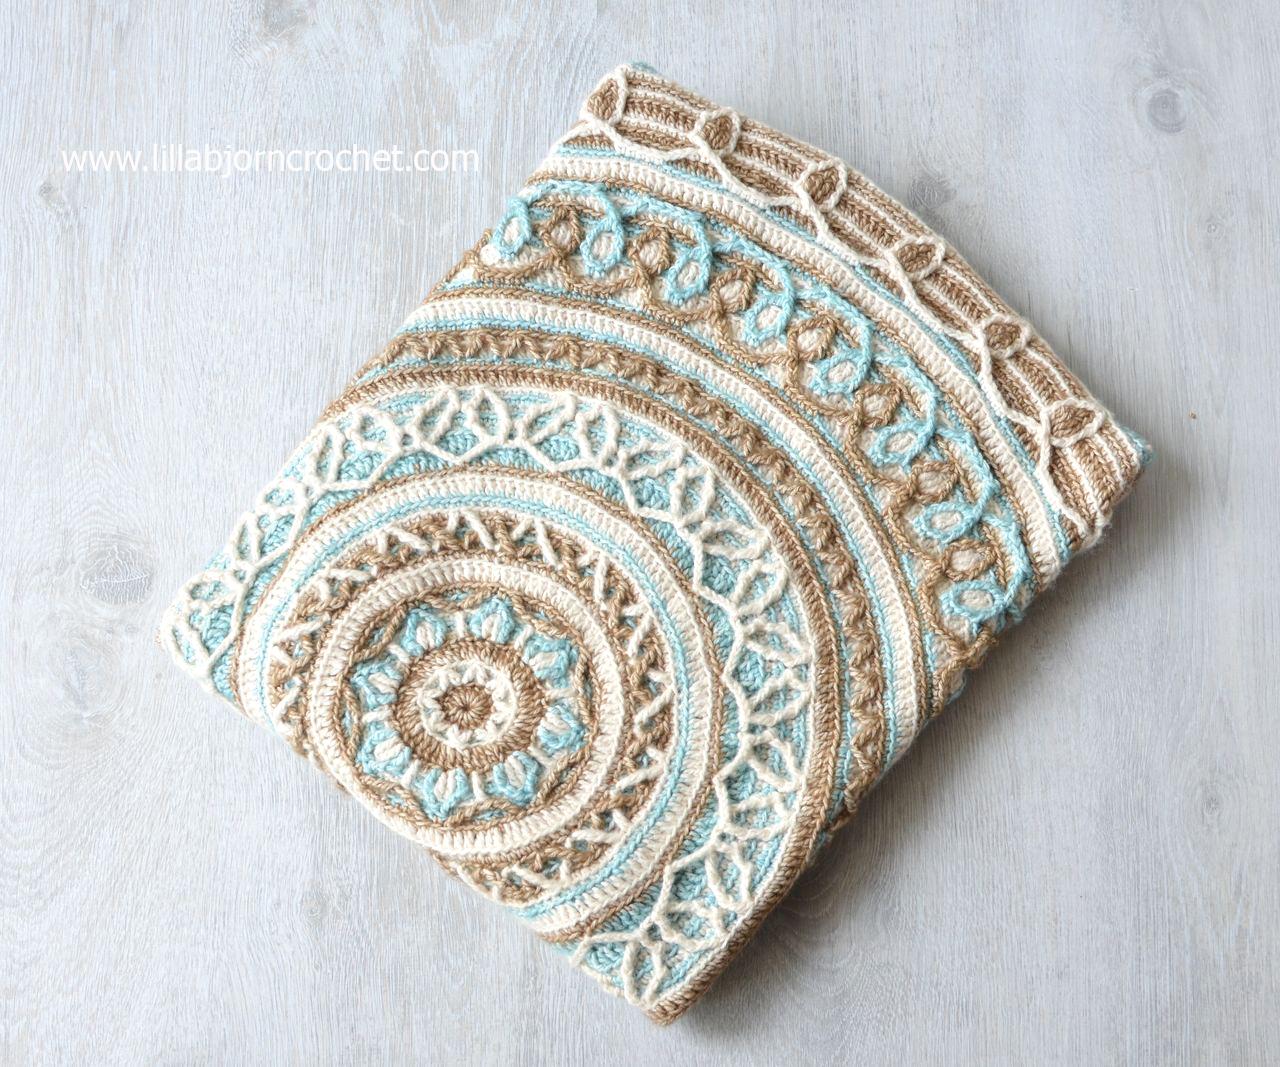 ... Border - New Design in Overlay Crochet LillaBj?rns Crochet World